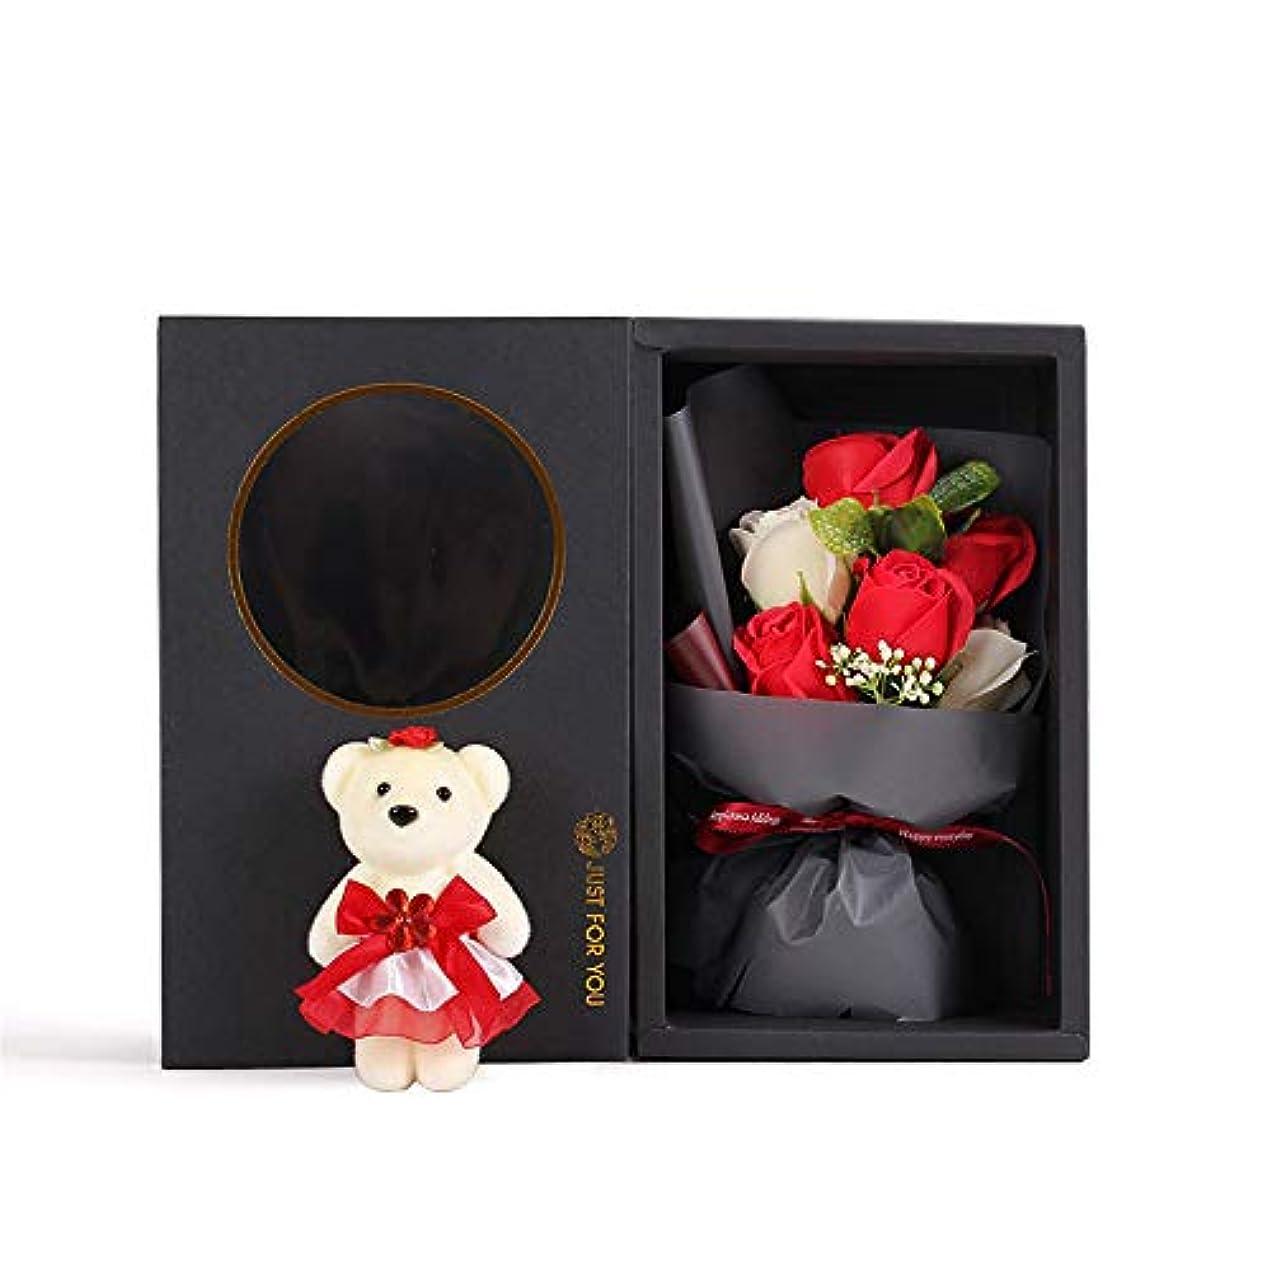 できれば進捗従う手作り6石鹸花の花束ギフトボックス、女性のためのギフトあなたがバレンタインデー、母の日、結婚式、クリスマス、誕生日を愛した女の子(ベアカラーランダム) (色 : 赤)